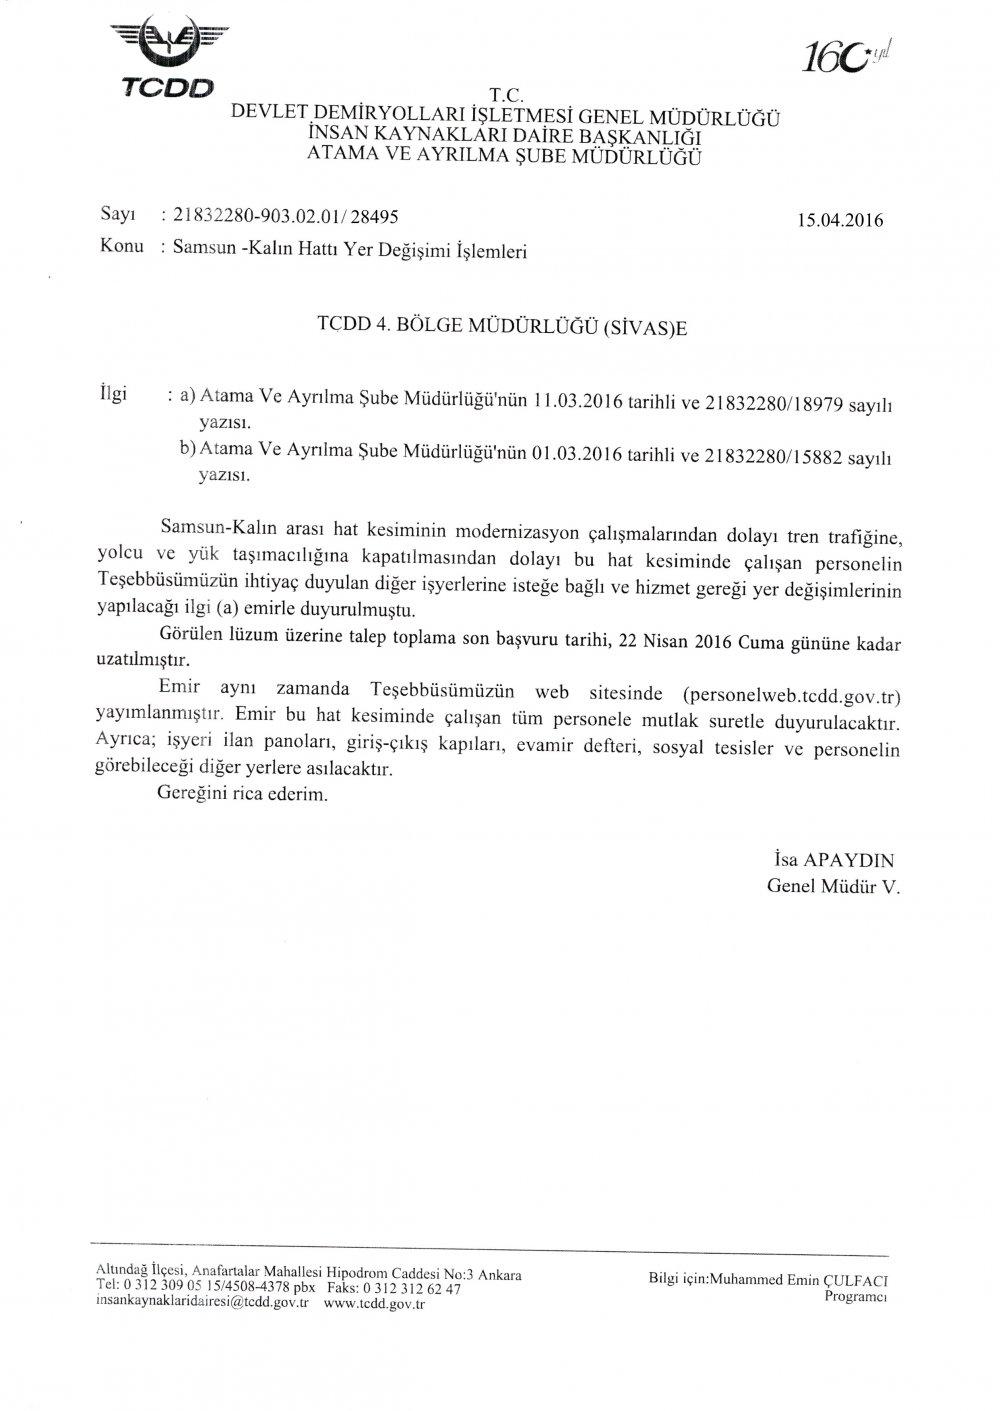 Samsun Kalın nakil talep toplama süresi uzatıldı